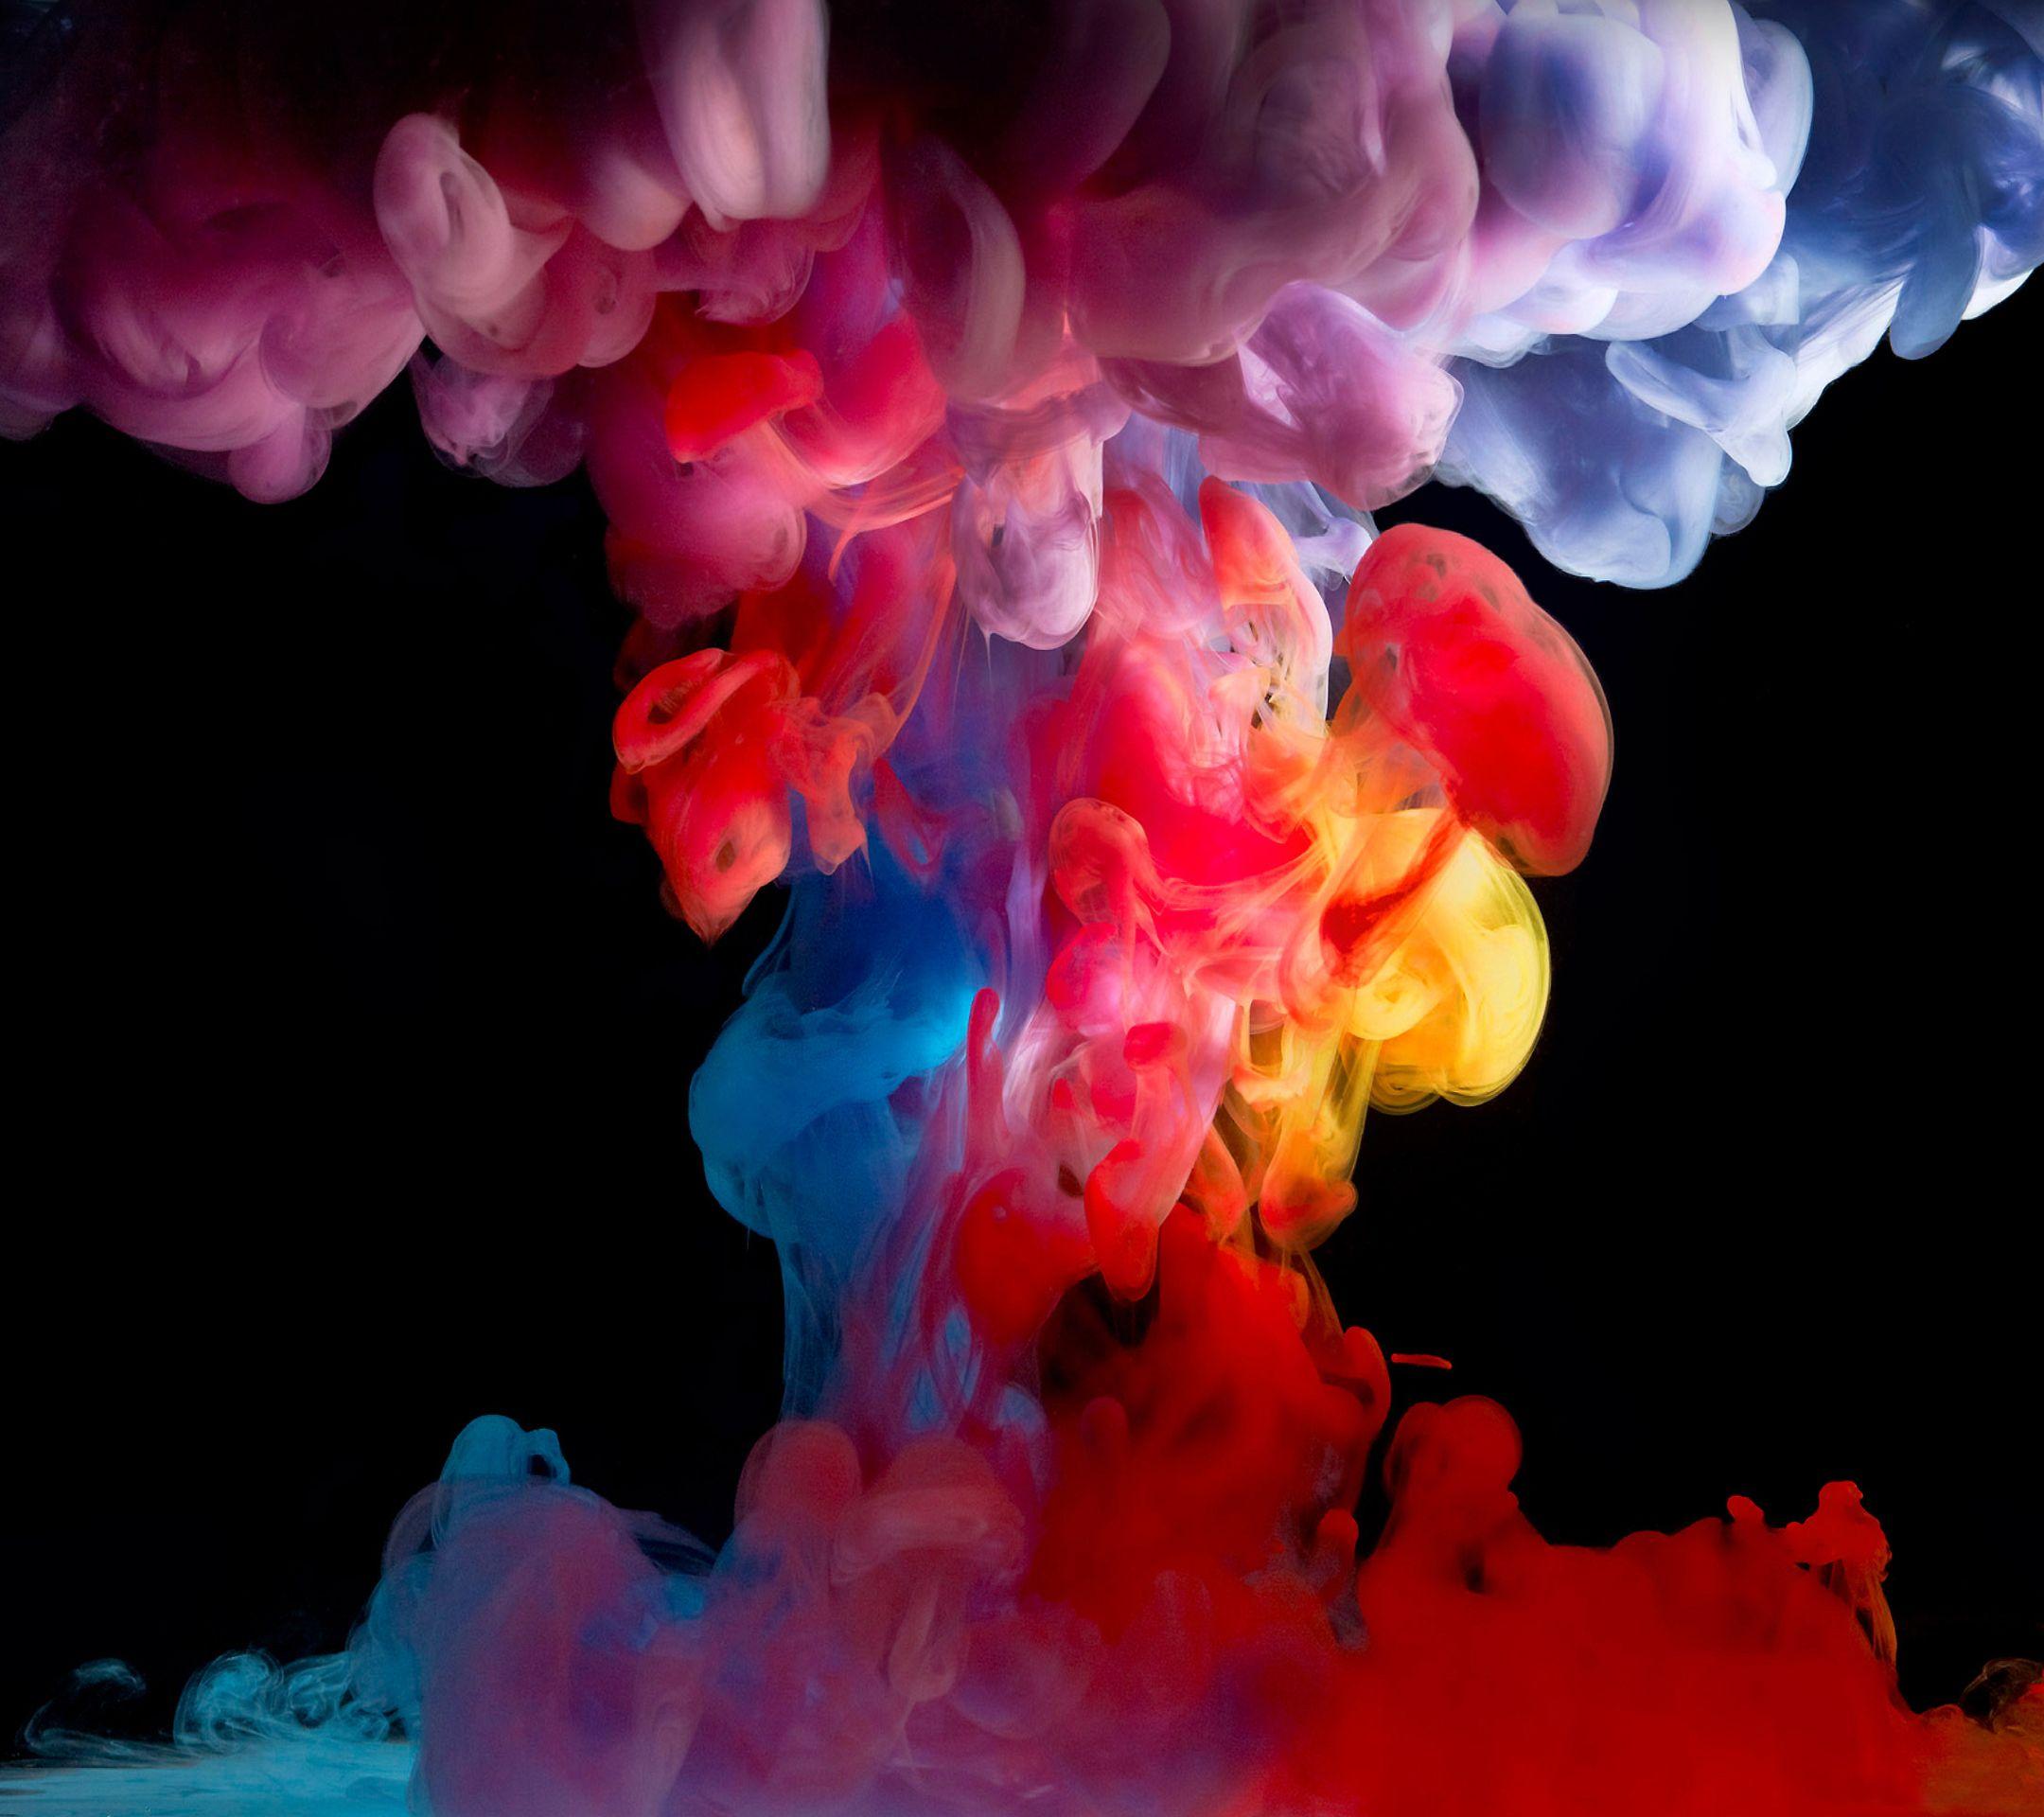 Top 10 Abstract Google Nexus 10 Hd Wallpapers Top Informative